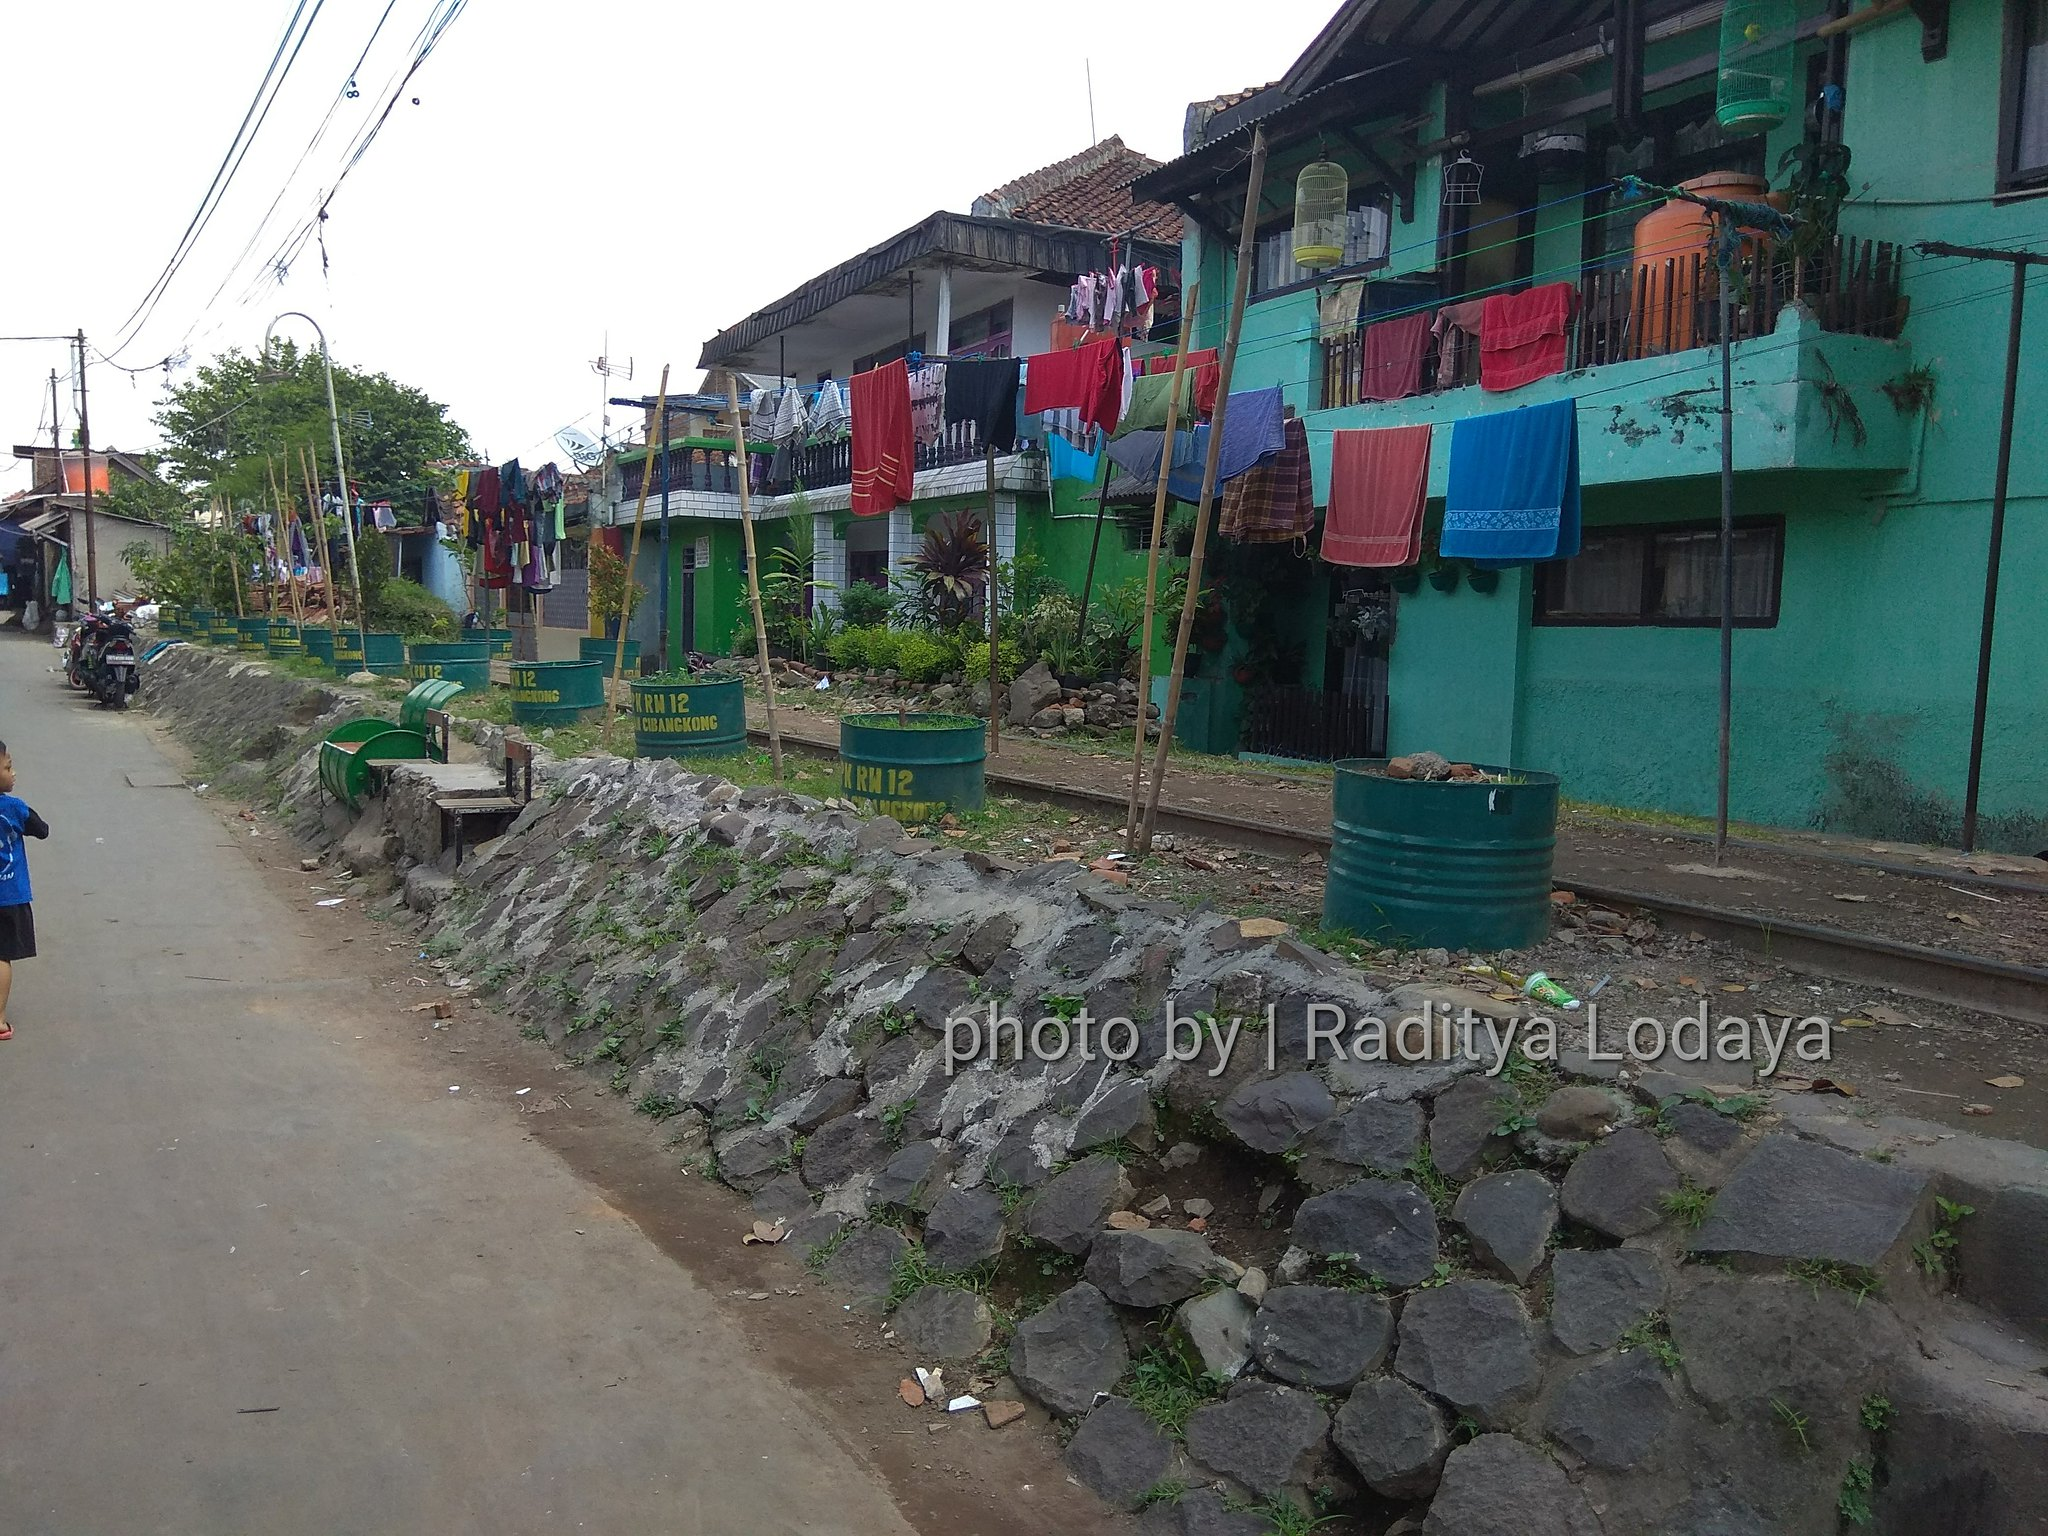 Foto Jalur Rel Mati Bandung (Kiaracondong Karees) 21 - Rel keliatan utuh di Jalan Cinta Asih